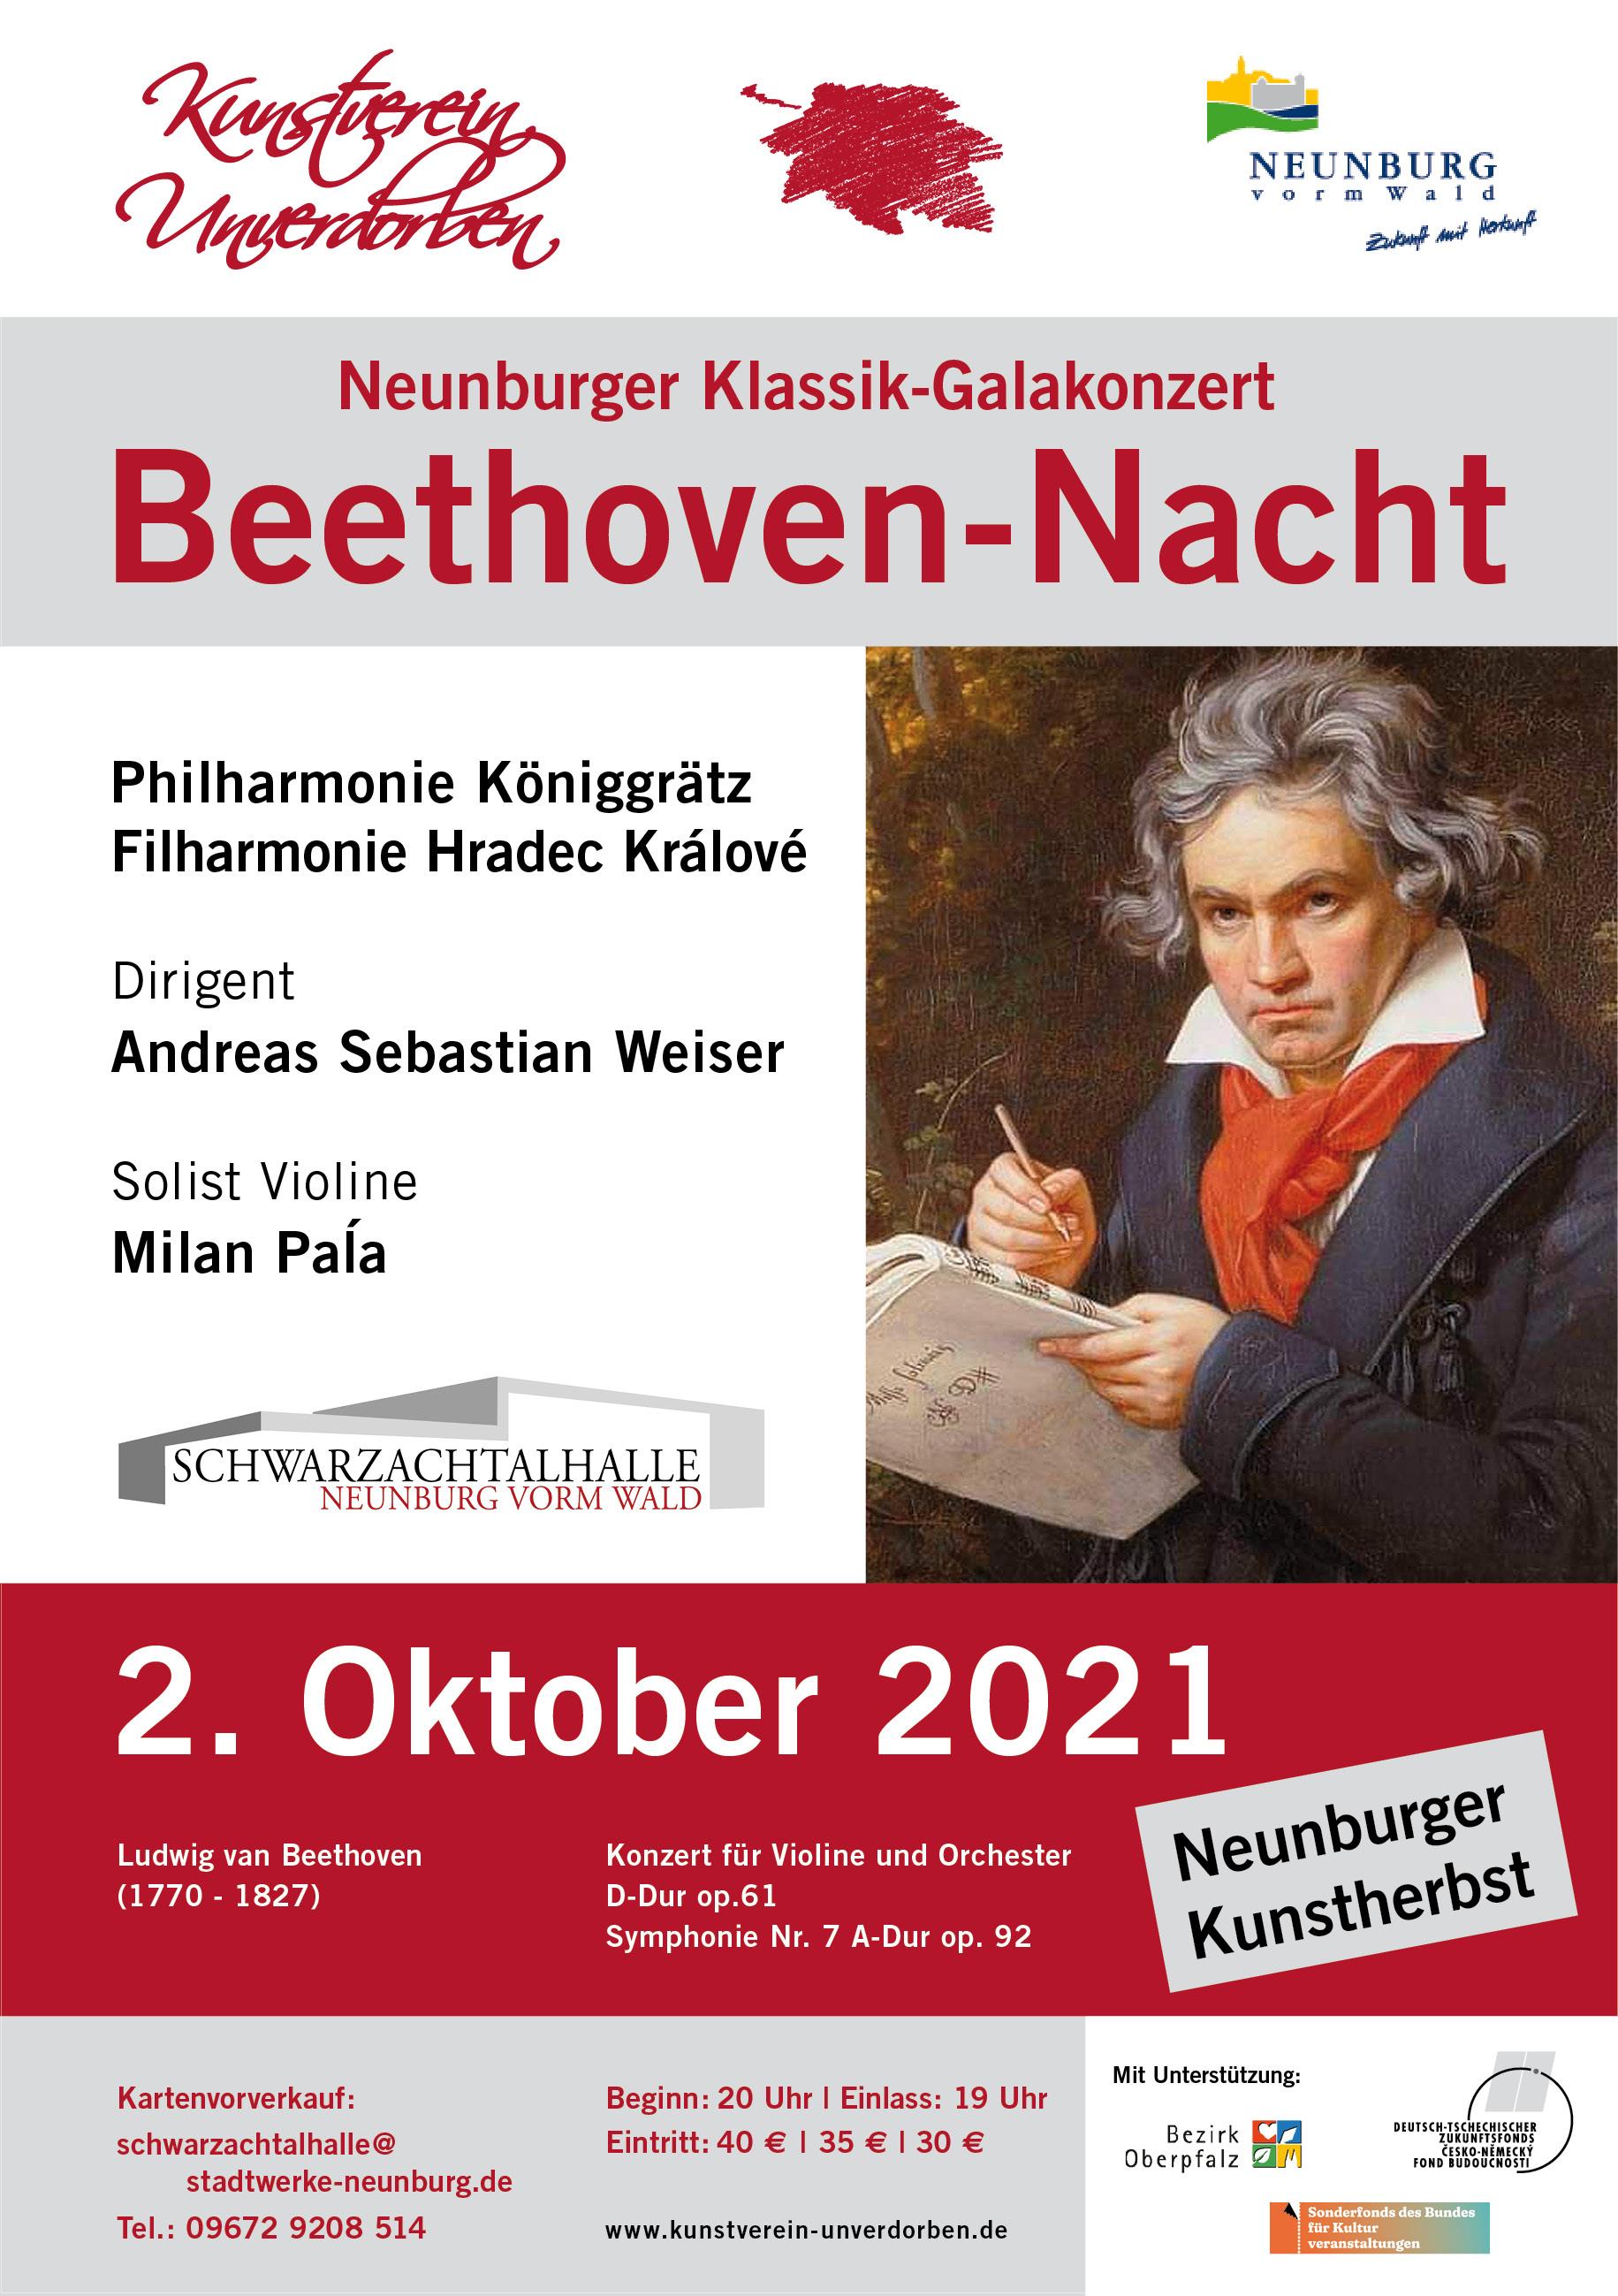 PL-BeethovenNacht2107_web_05RZ